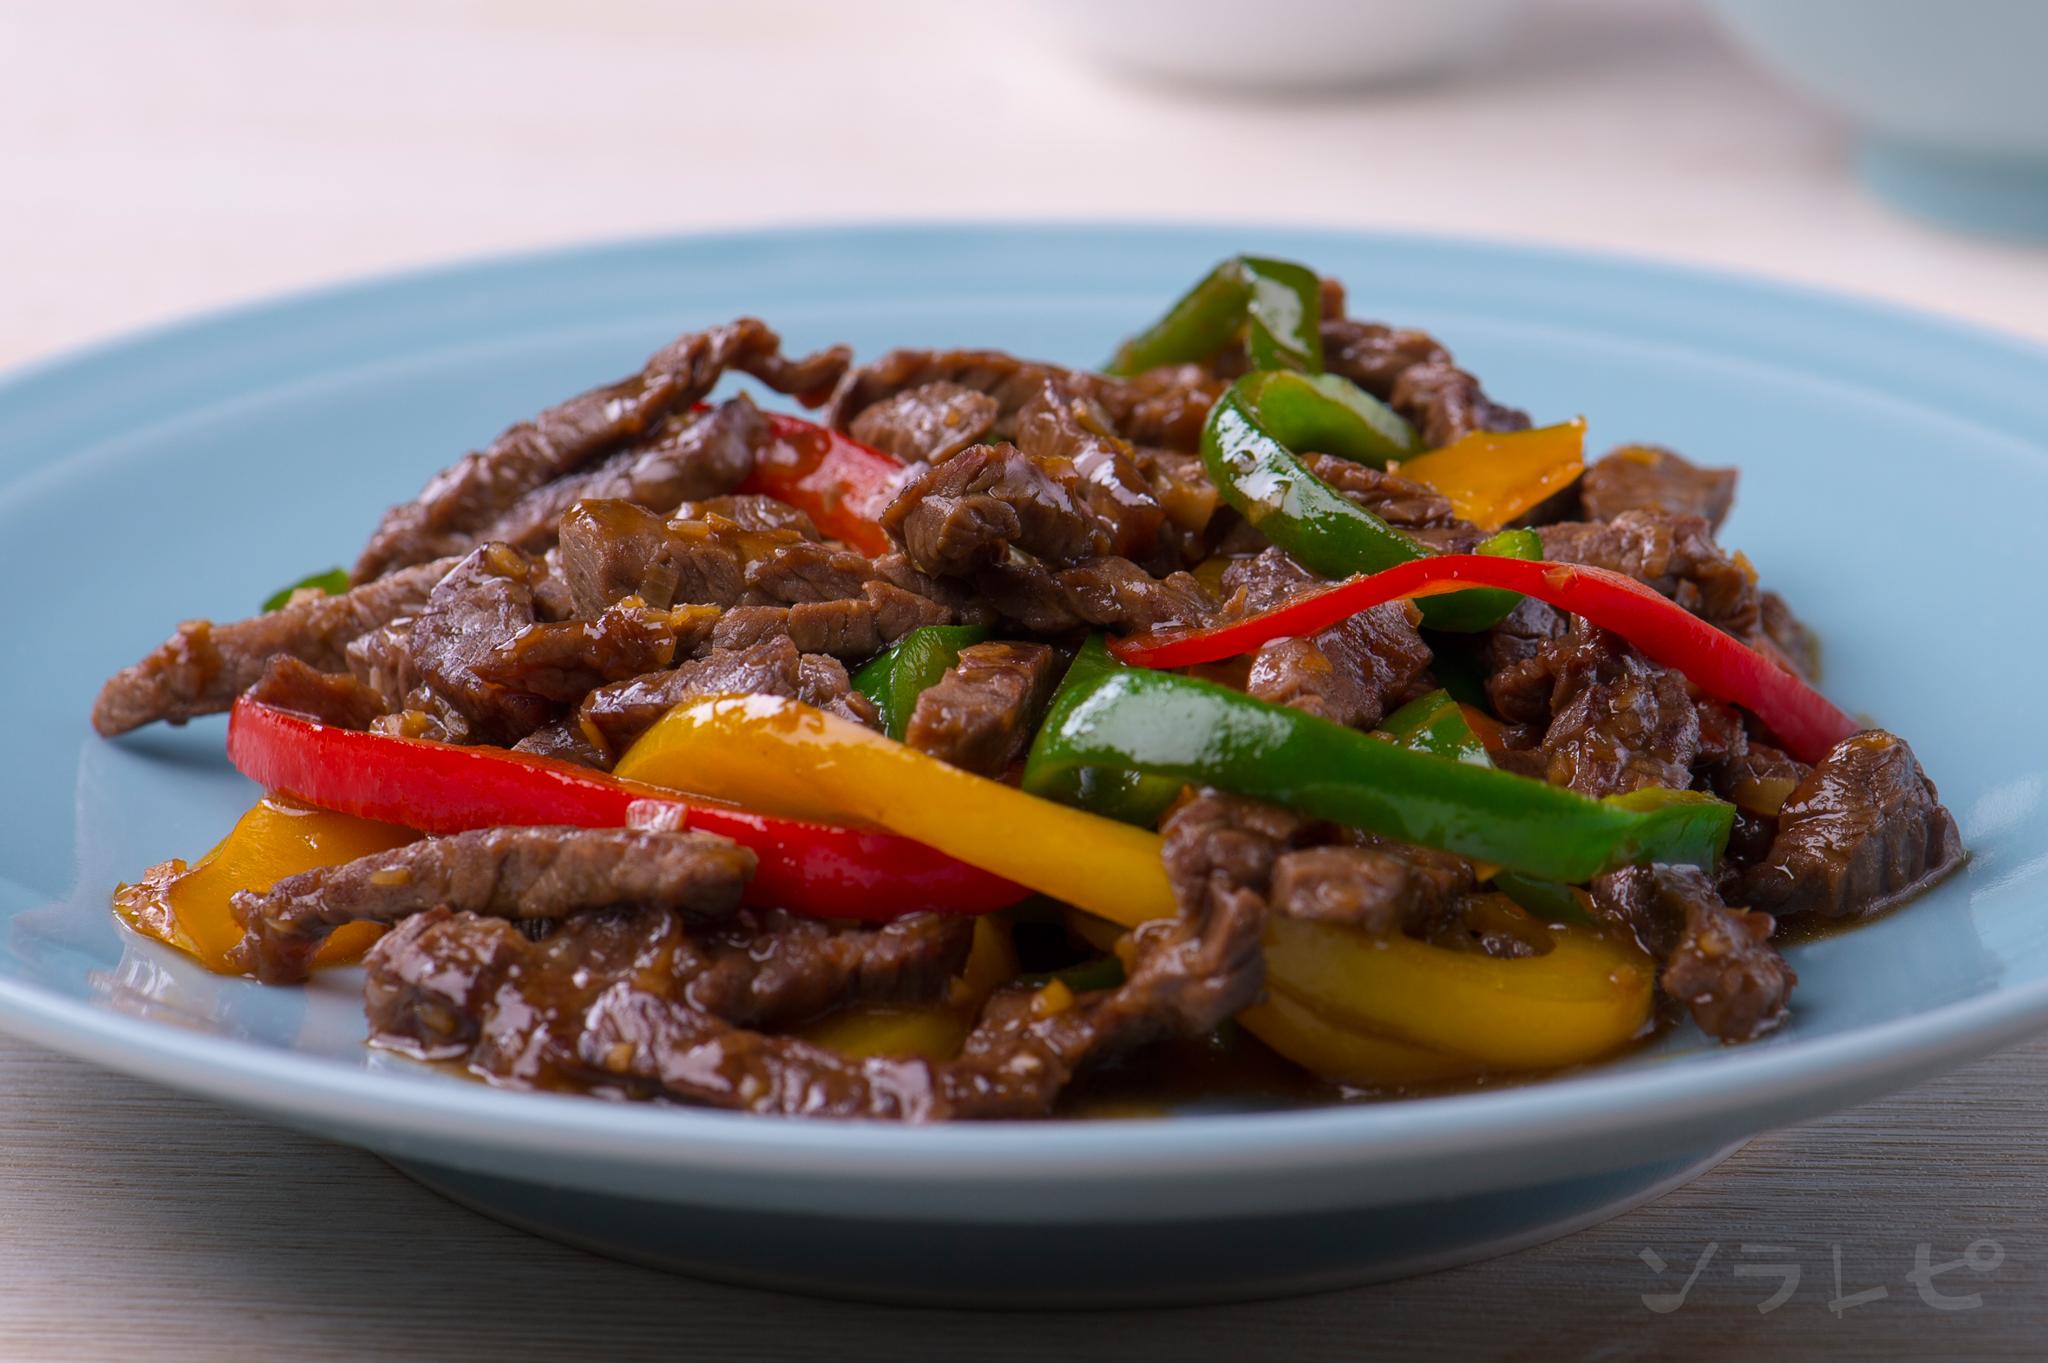 の 青椒 作り方 絲 肉